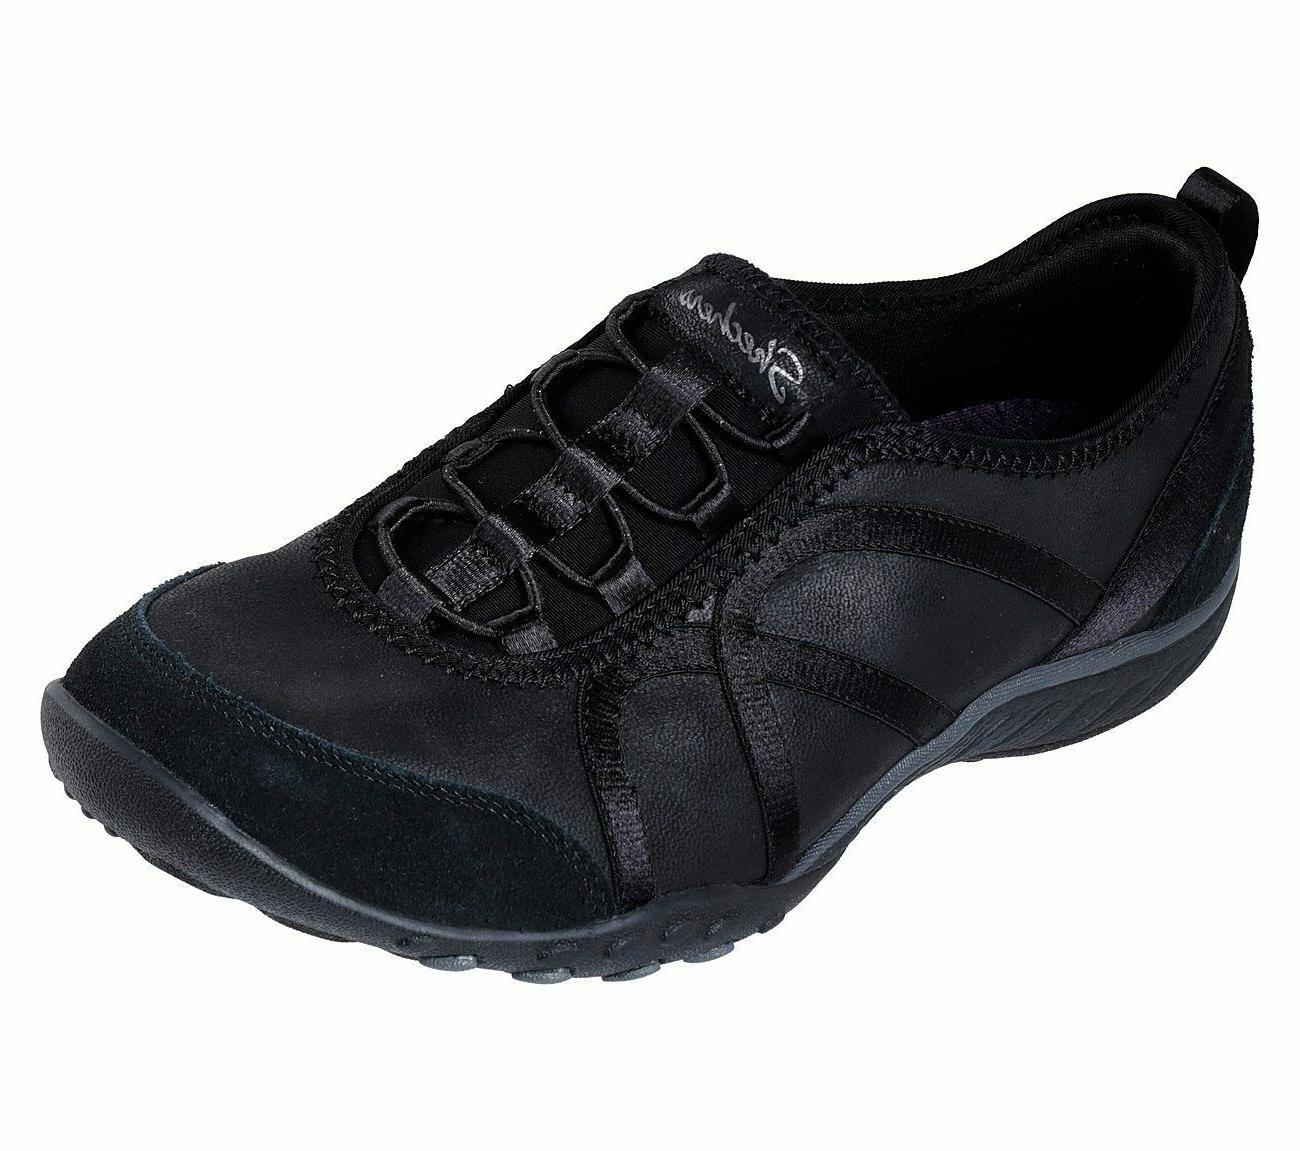 23235 womens breathe easy flawless look sneakers